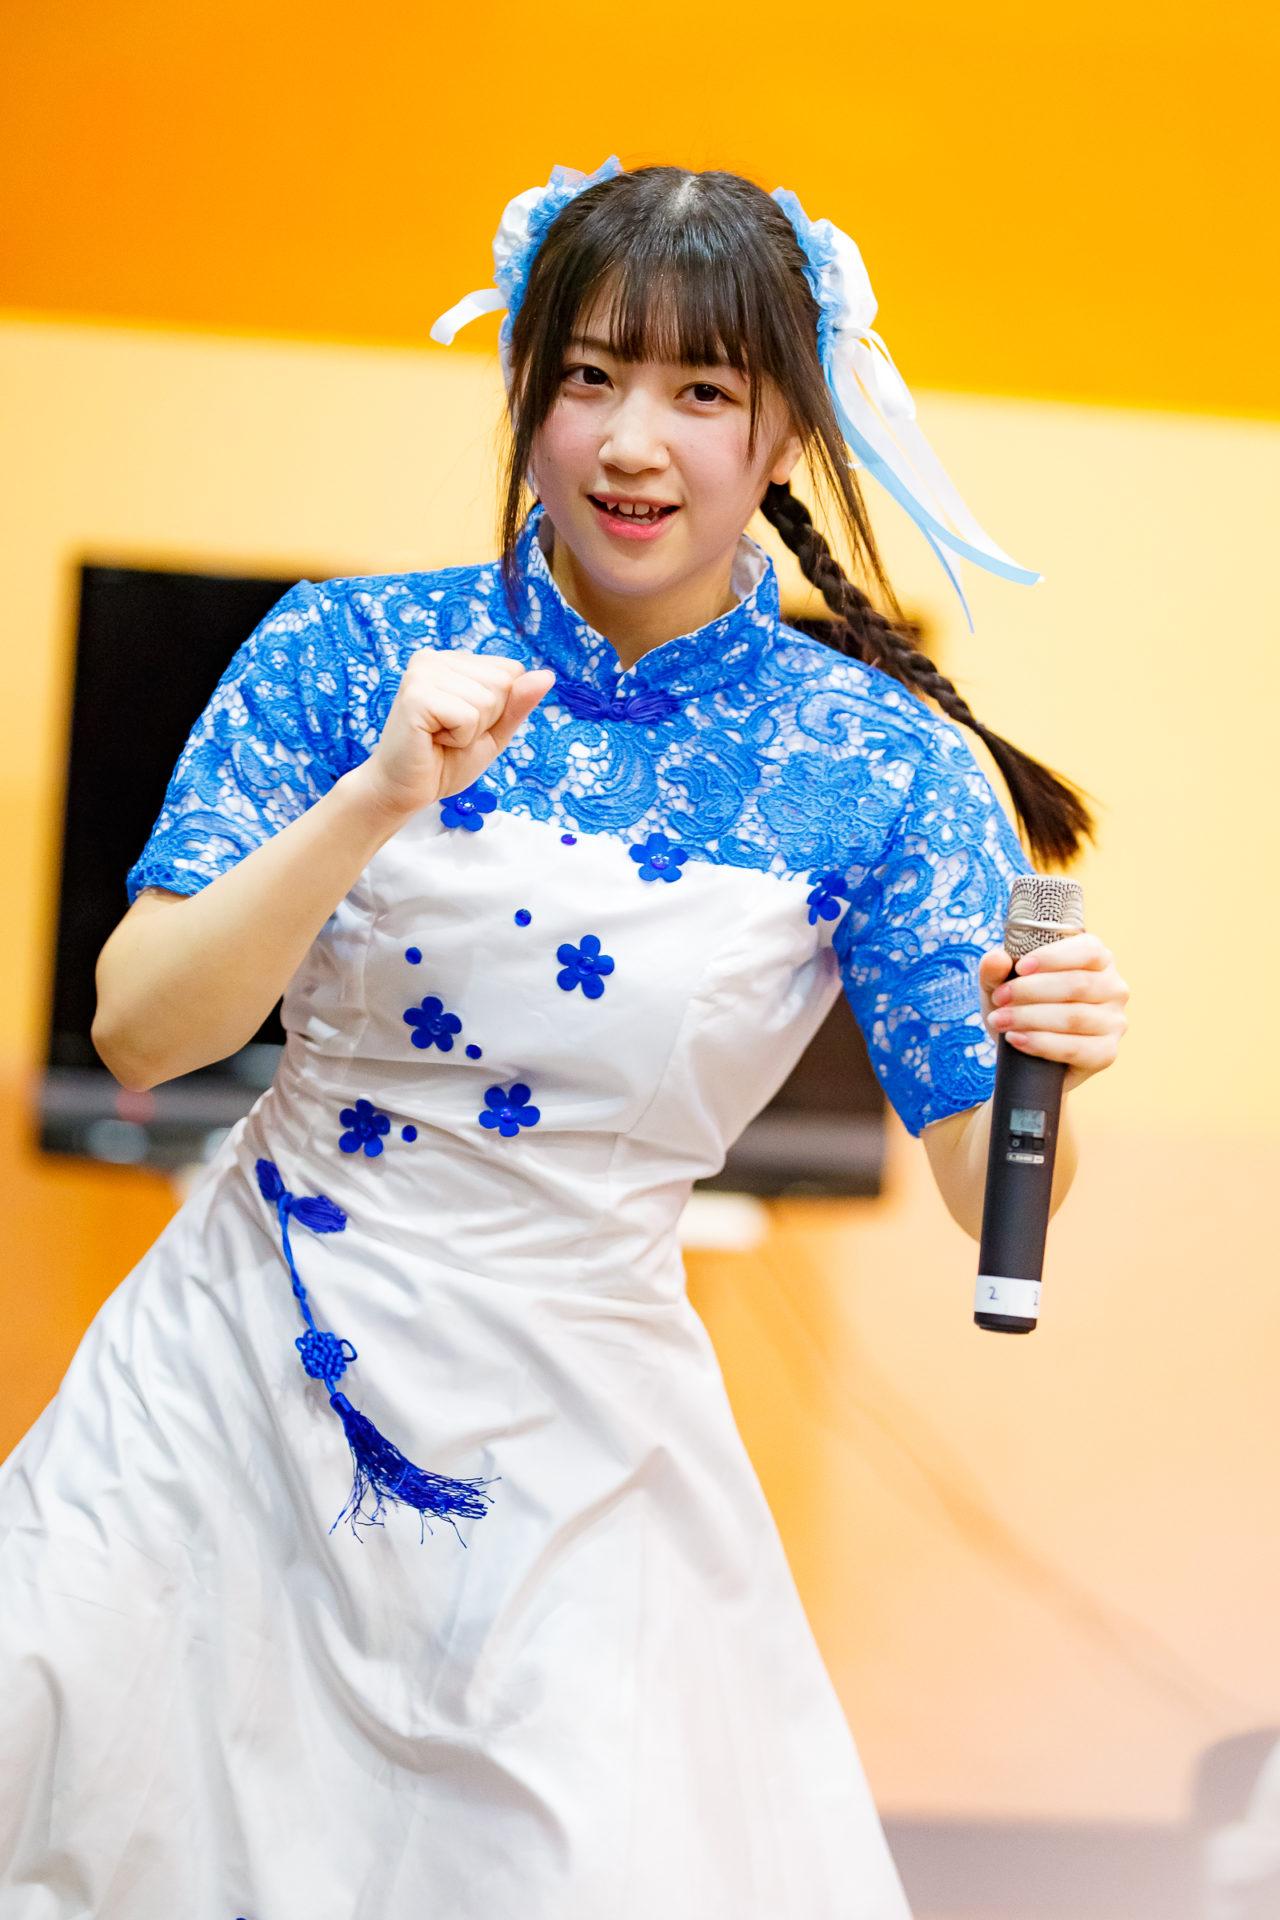 2代目HAPPY少女♪ きょうか ( 山田京佳 )   ディノスパーク×ライブプロマンスリーLIVE vol.1